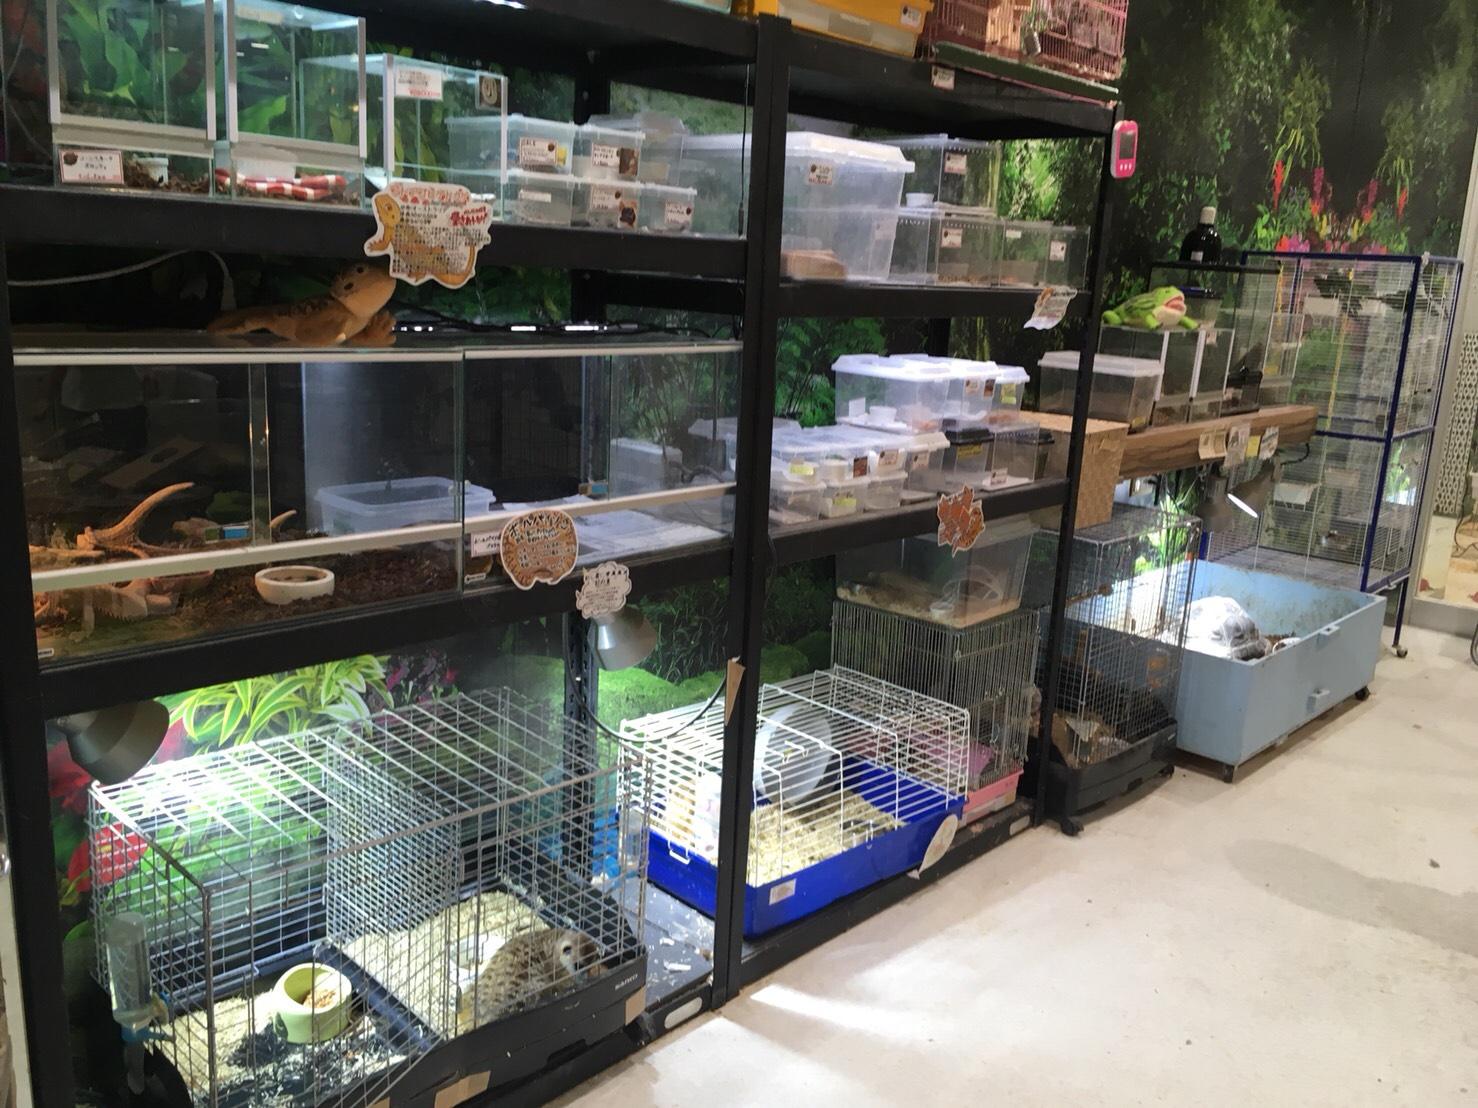 ゲージに入れられた動物たちがたくさん